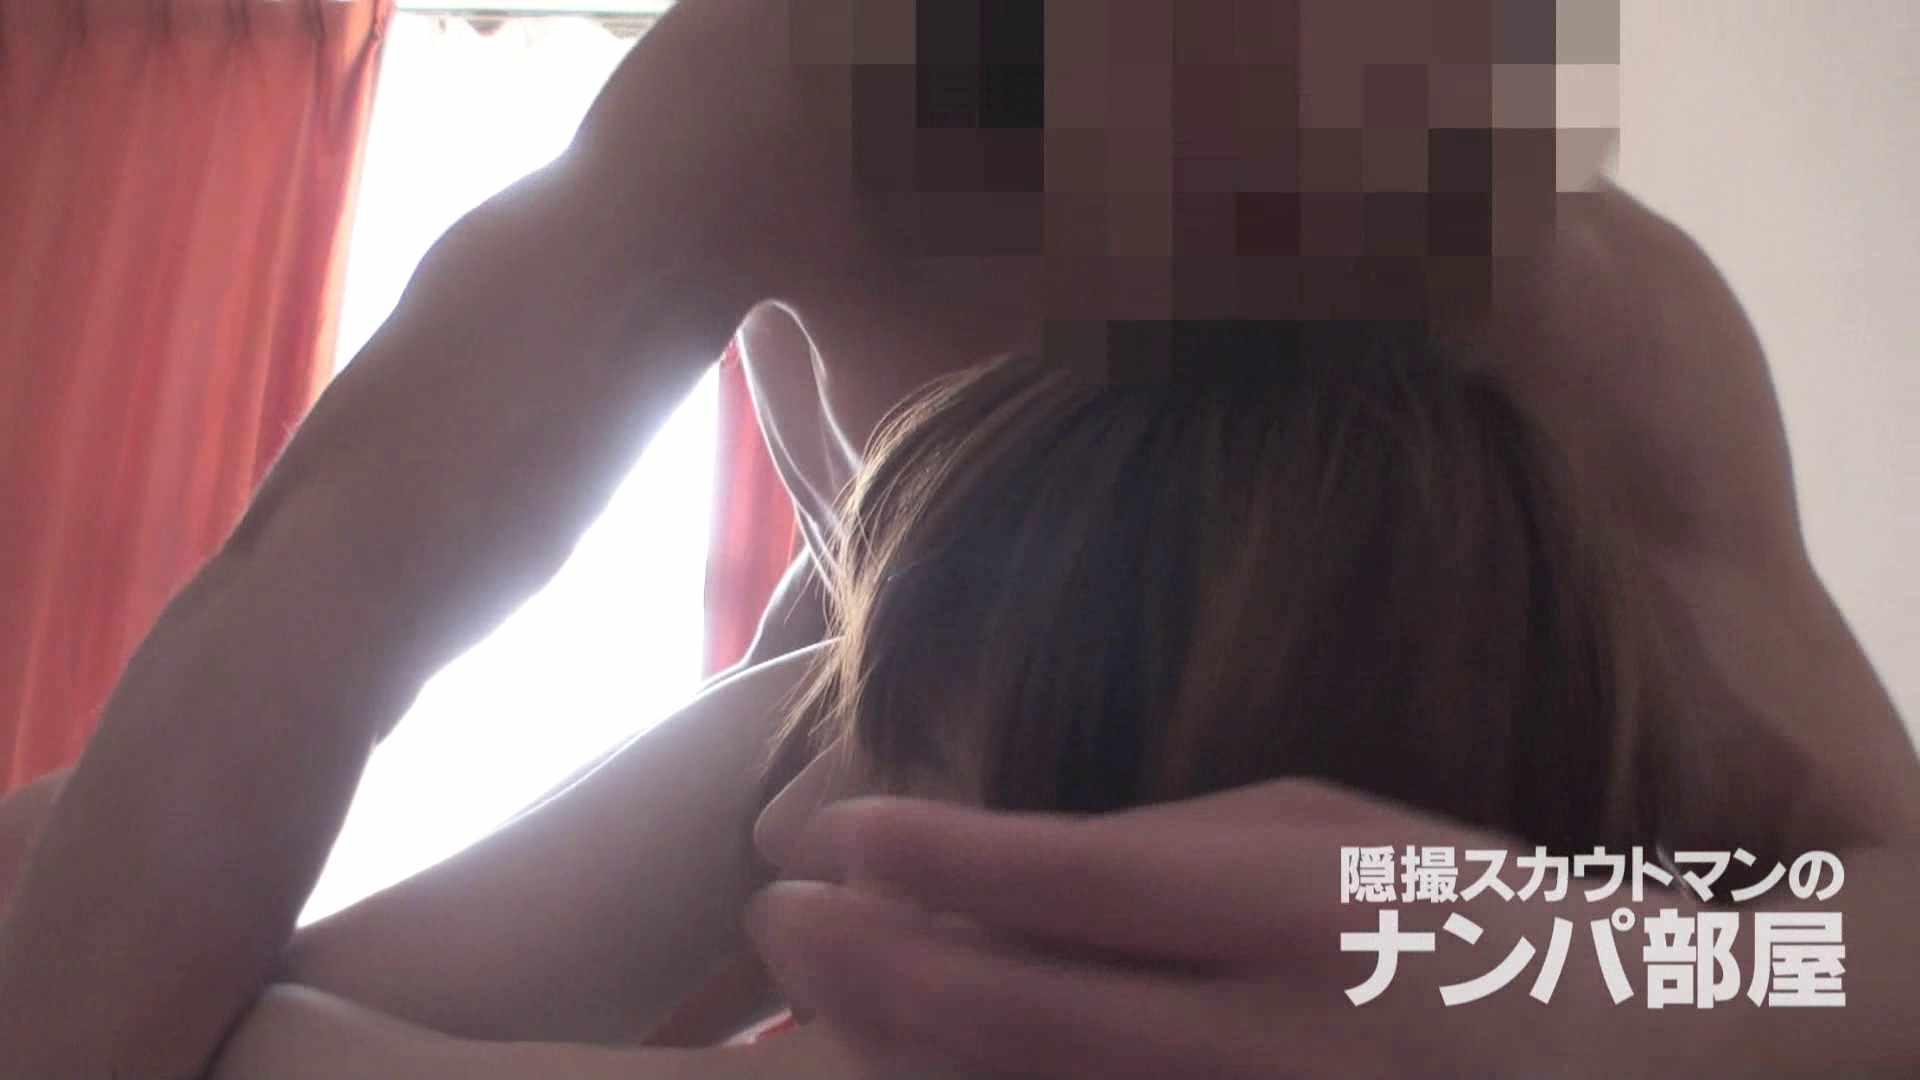 アダルトエロ動画|隠撮スカウトマンのナンパ部屋~風俗デビュー前のつまみ食い~ siivol.4|大奥